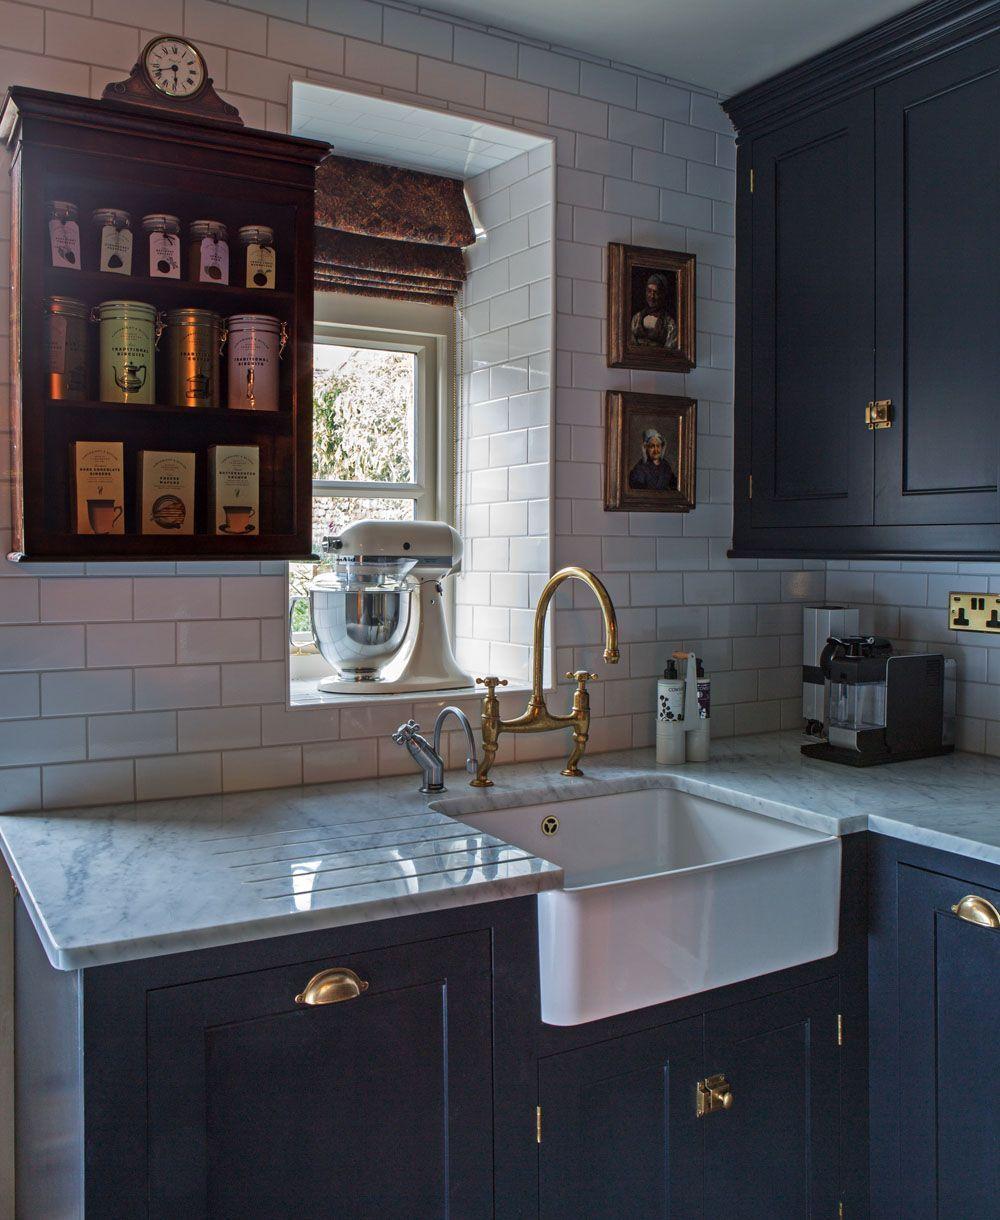 10 Designs Perfect For Your Small Kitchen Area Kitchenfaucets Kitchenbacksplash Kitchenplayset Kitchenfa Innenarchitektur Kuche Kuchenumbau Kucheneinrichtung